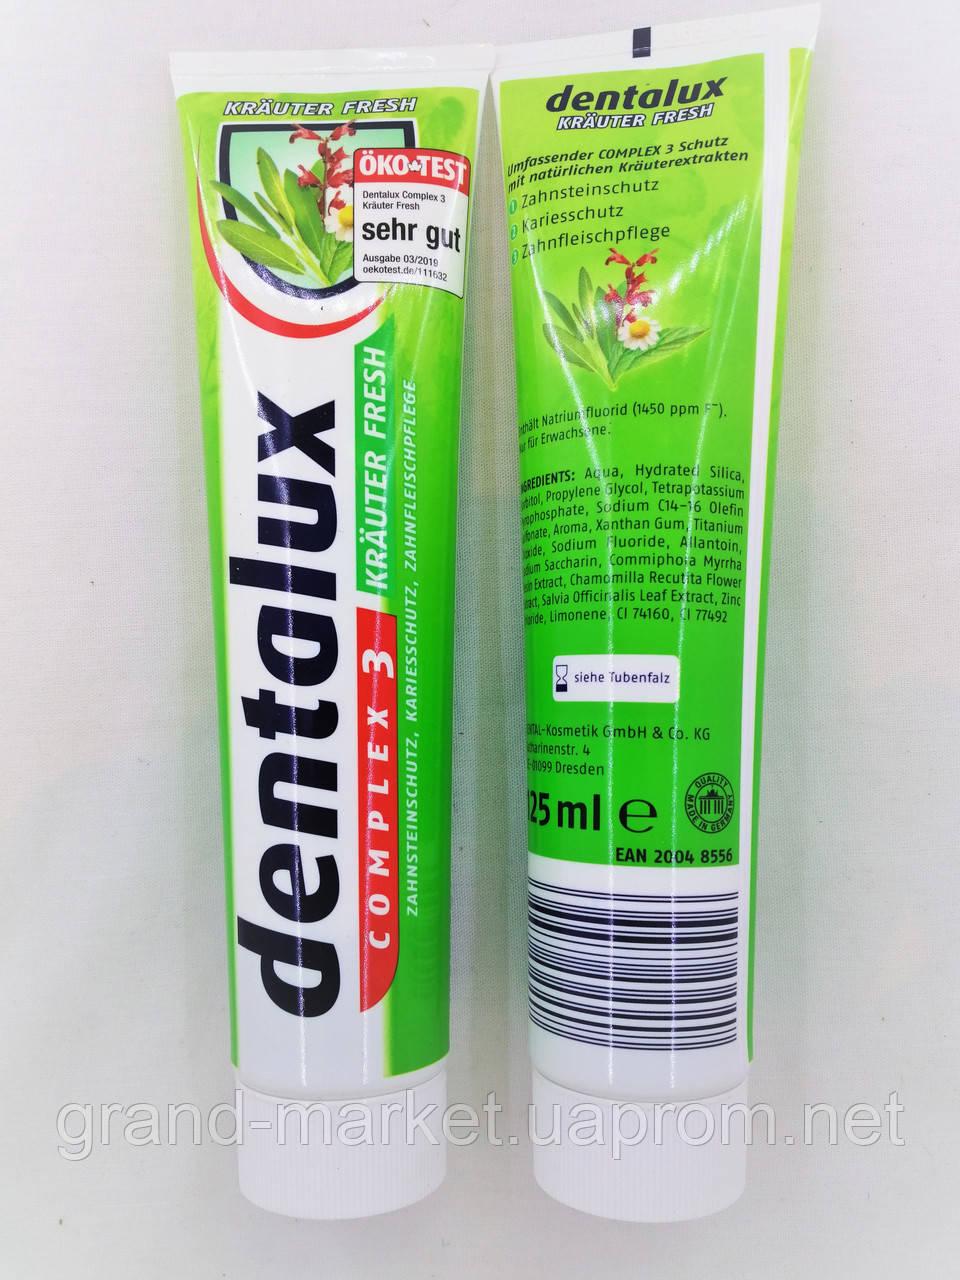 Зубная паста Dentalux Krauter Fresh 125 мл